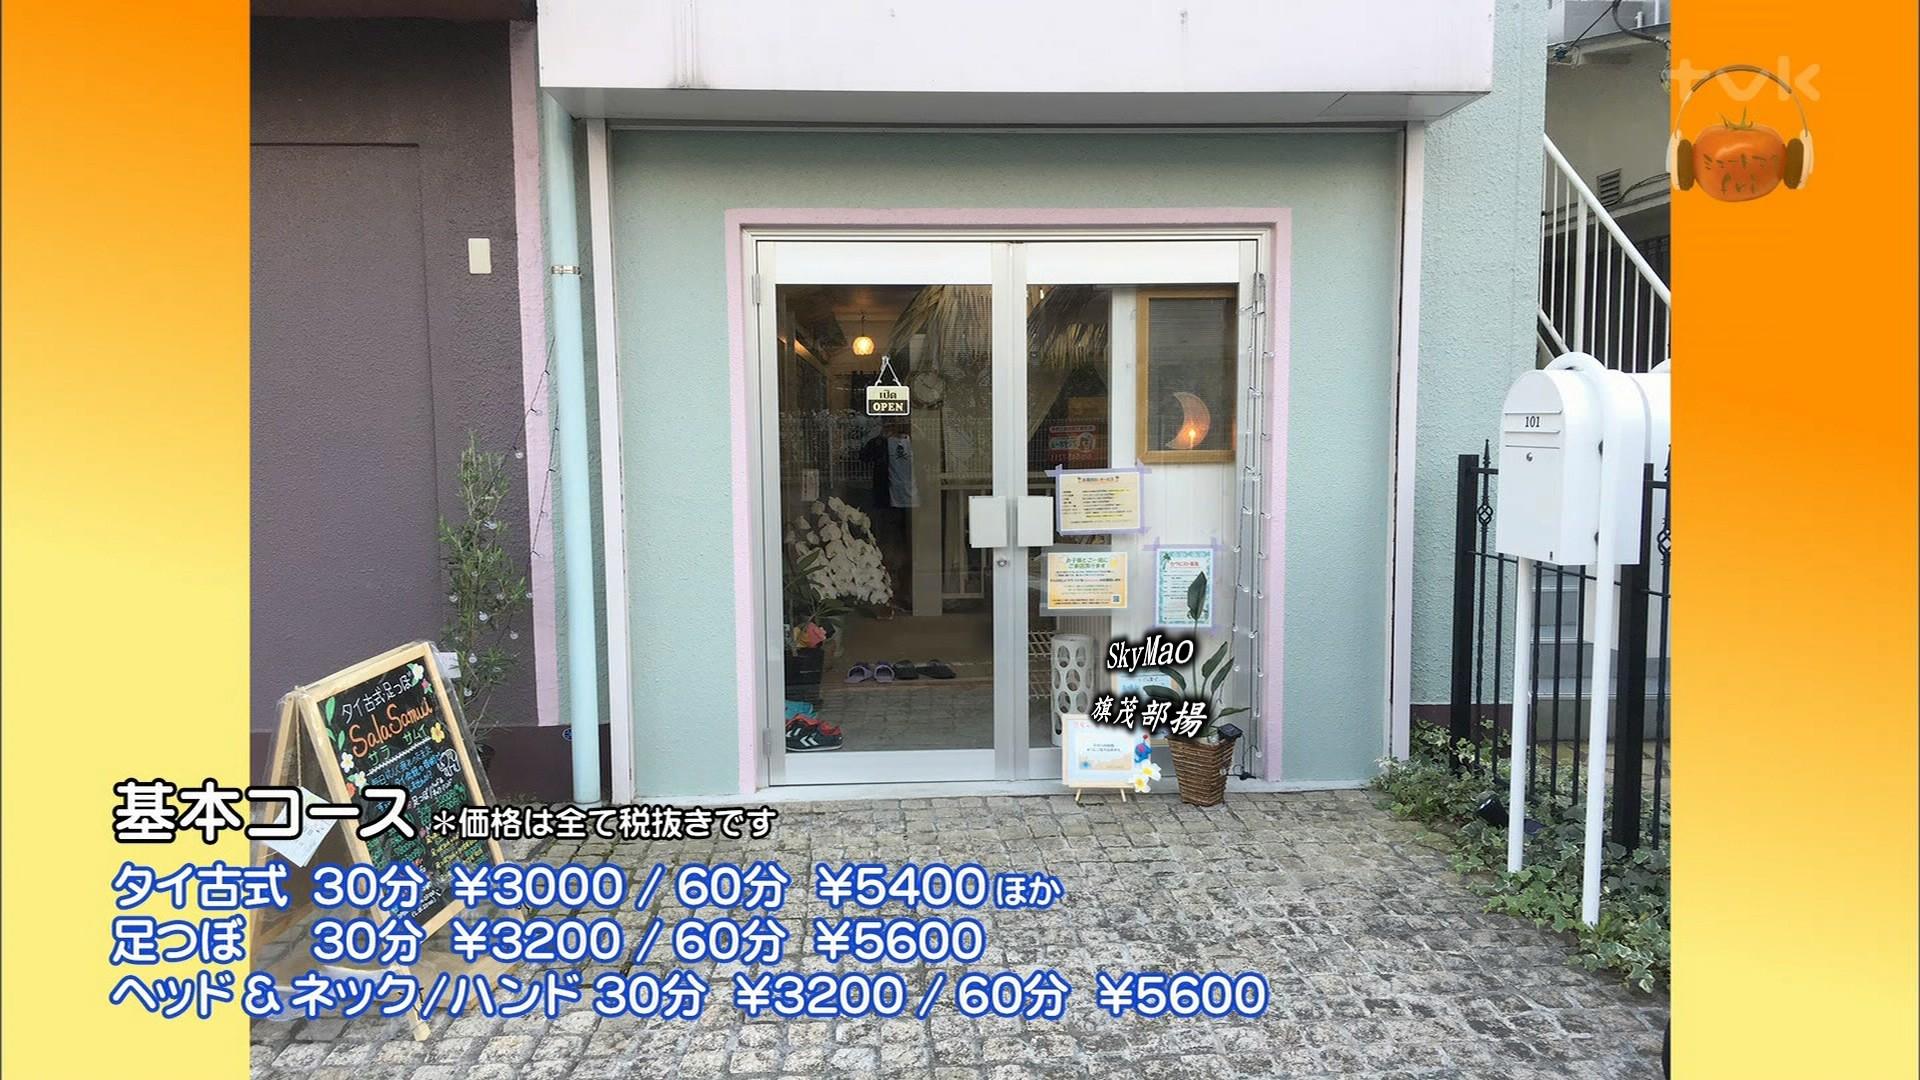 2017.11.17 全場(ミュートマ2).ts_20171118_033545.447